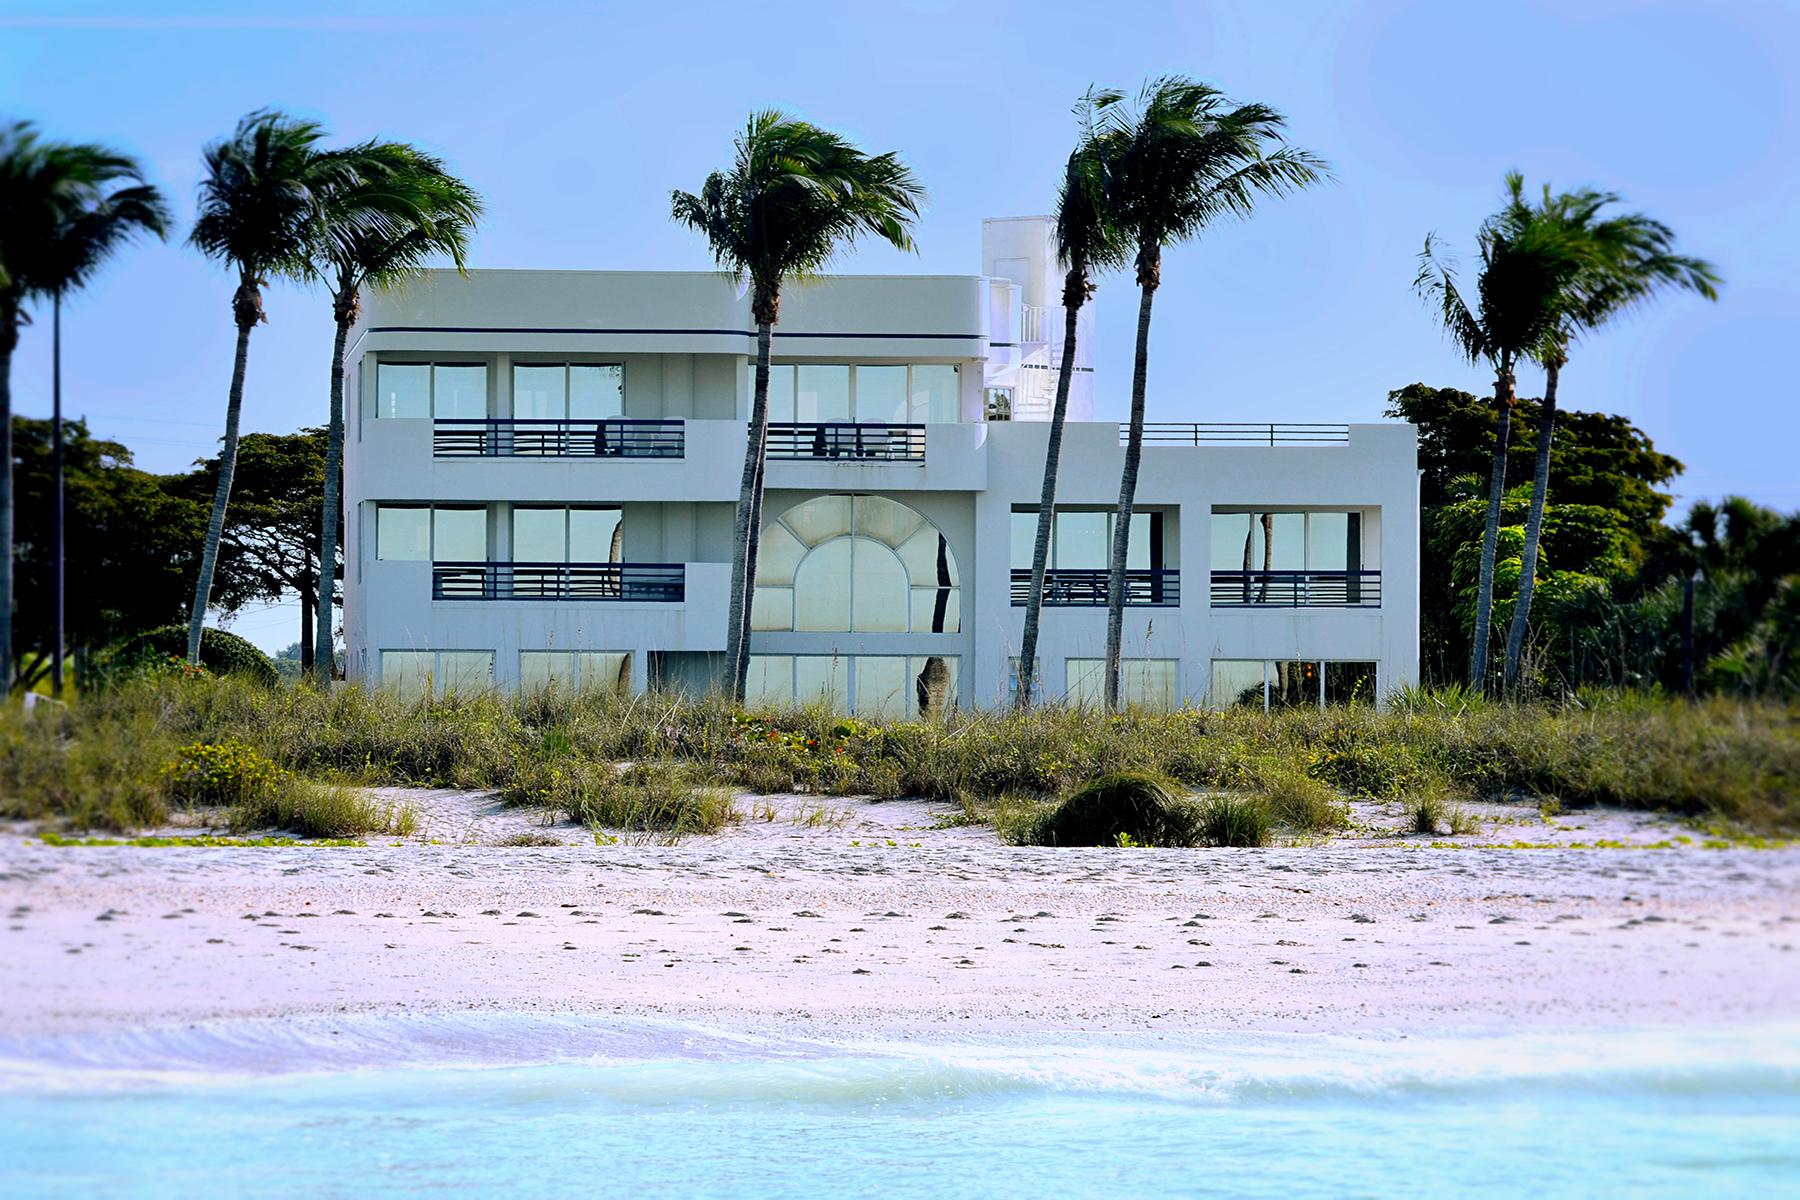 獨棟家庭住宅 為 出售 在 602 S Casey Key Rd , Nokomis, FL 34275 Casey Key, Nokomis, 佛羅里達州, 34275 美國